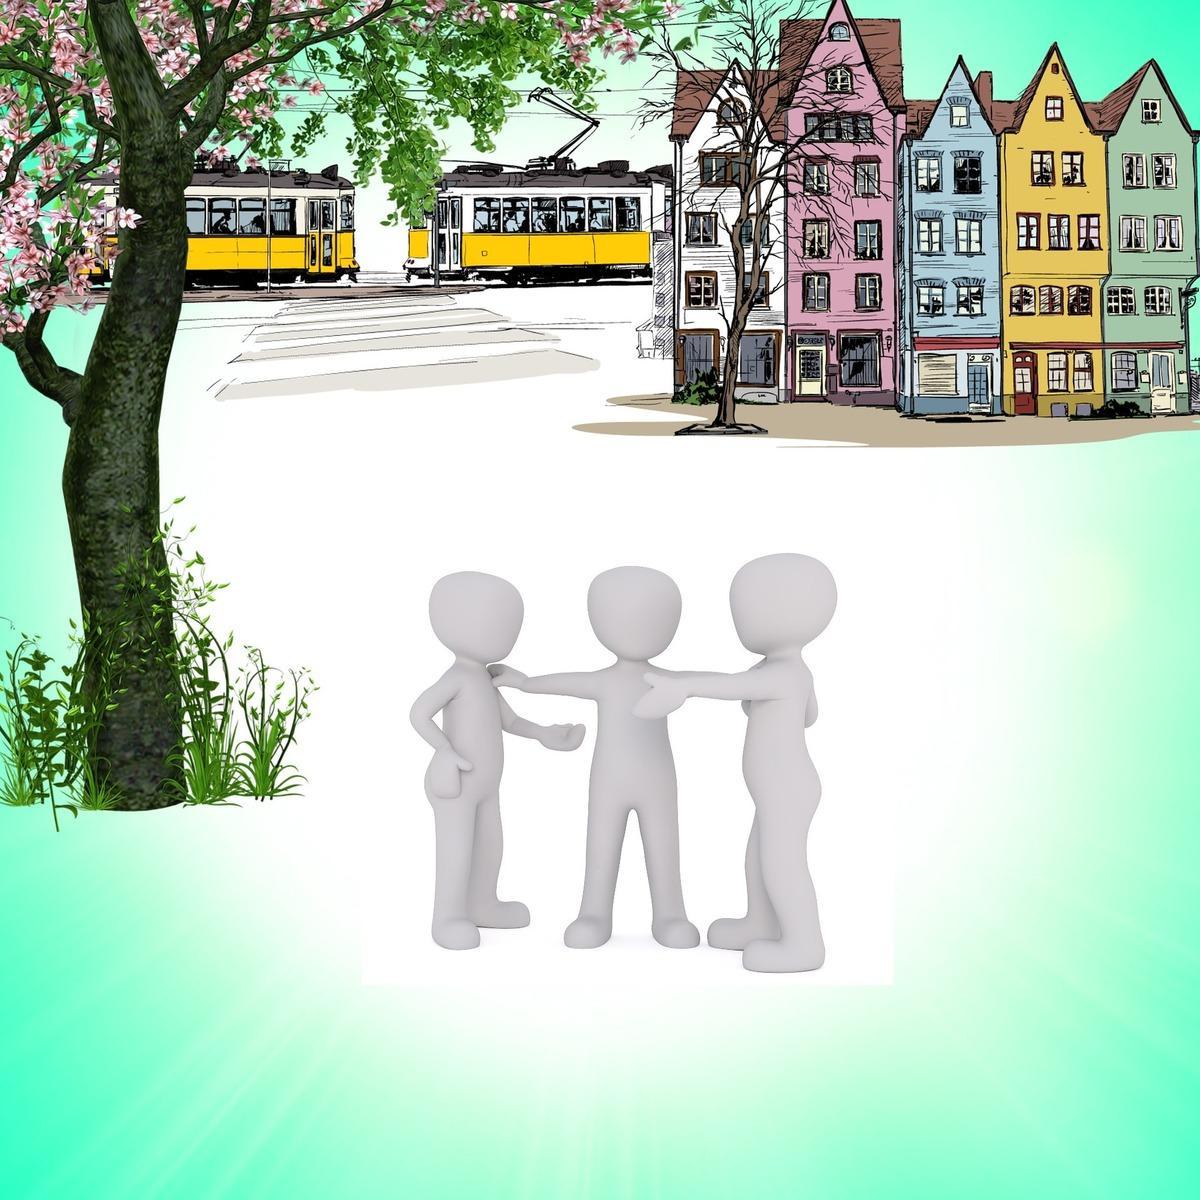 L'Assistance à Maîtrise d'Usage, un rôle du sociologue « observ'acteur(trice) » dans l'accompagnement des projets urbains et de transitions (2020)